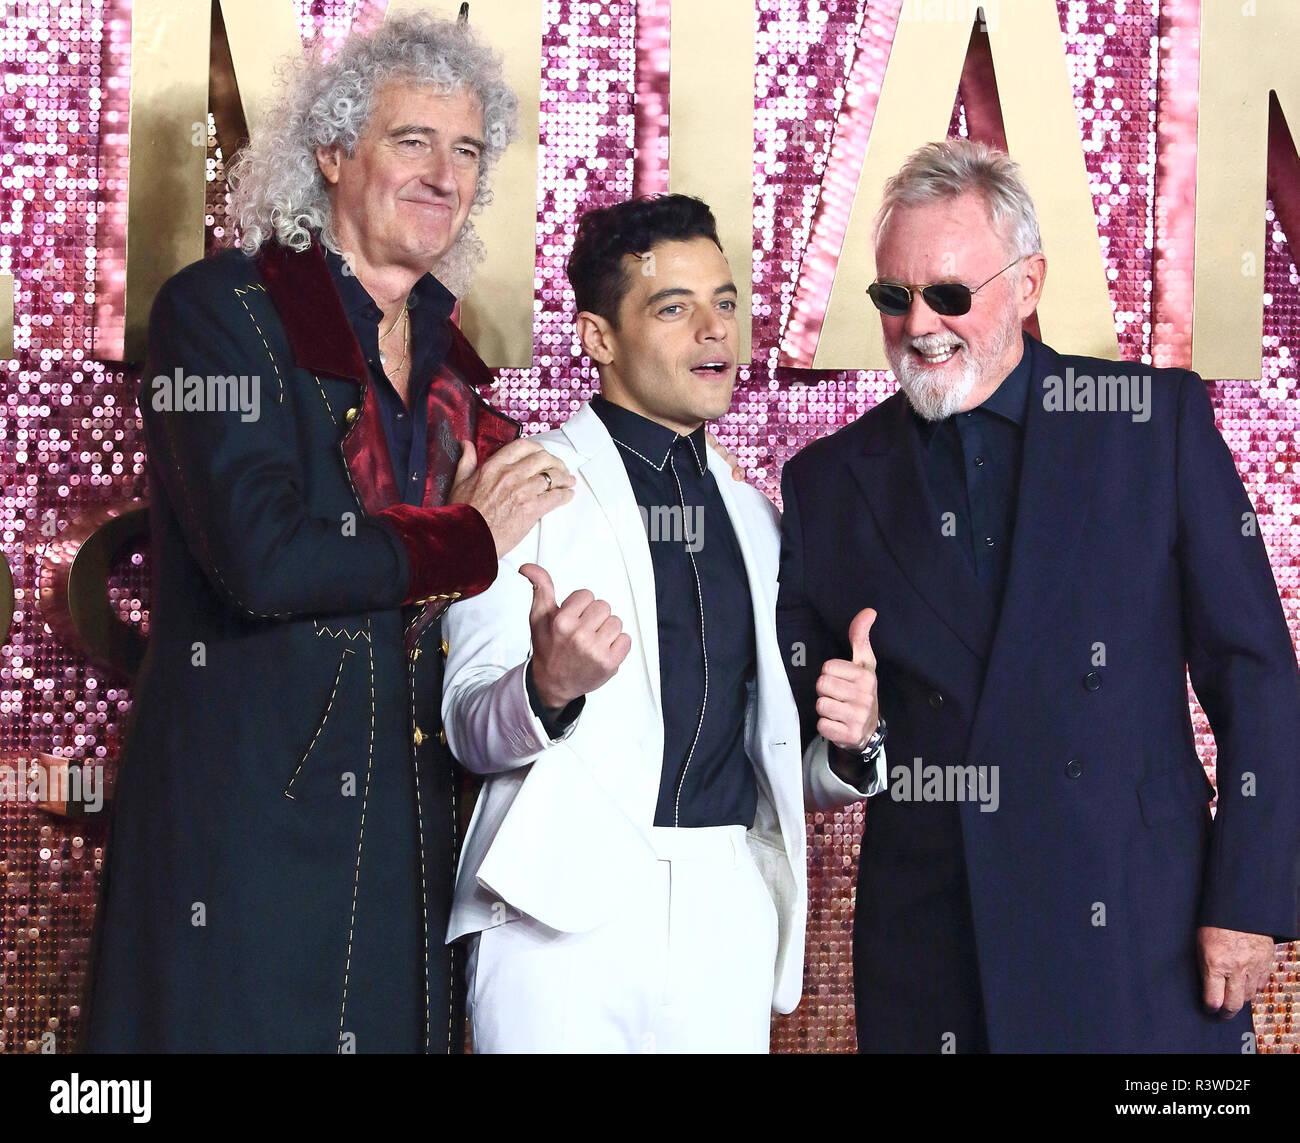 Bohemian Rhapsody estreno británico en el SSE Wembley Arena, Londres con: Brian May, Rami Malek, Roger Taylor donde: Londres, Reino Unido cuando: 23 Oct 2018 Crédito: WENN.com Foto de stock